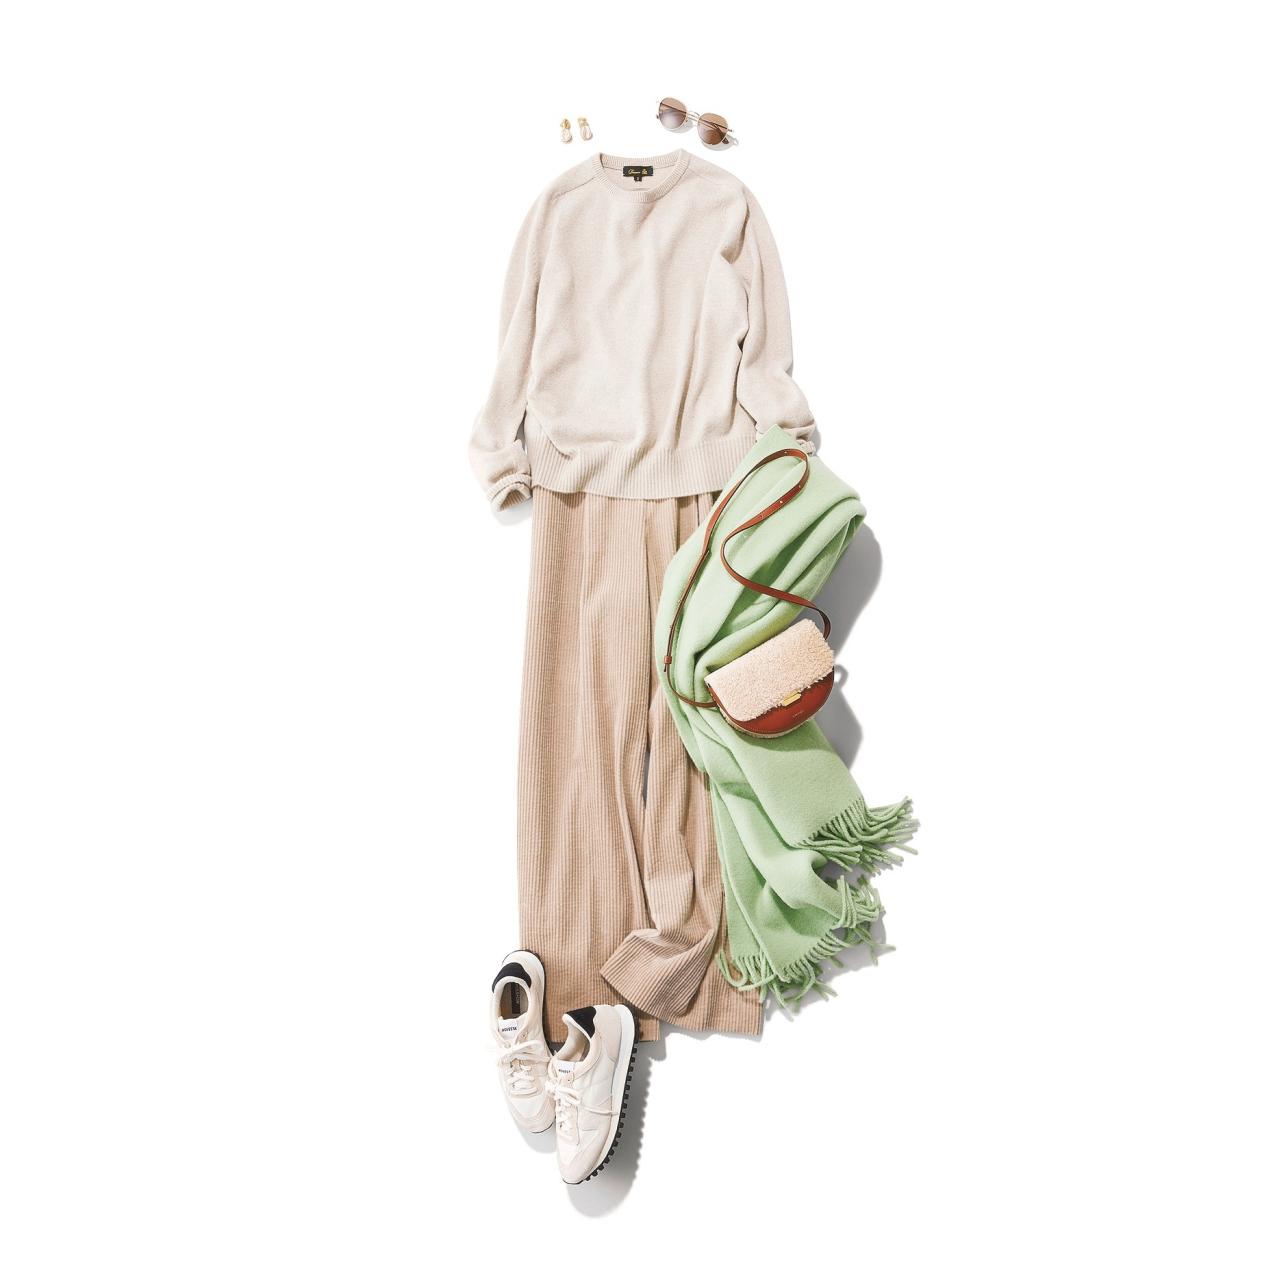 真冬コーデの差し色はコレ!グリーンに注目|40代 2020冬ファッション_1_8